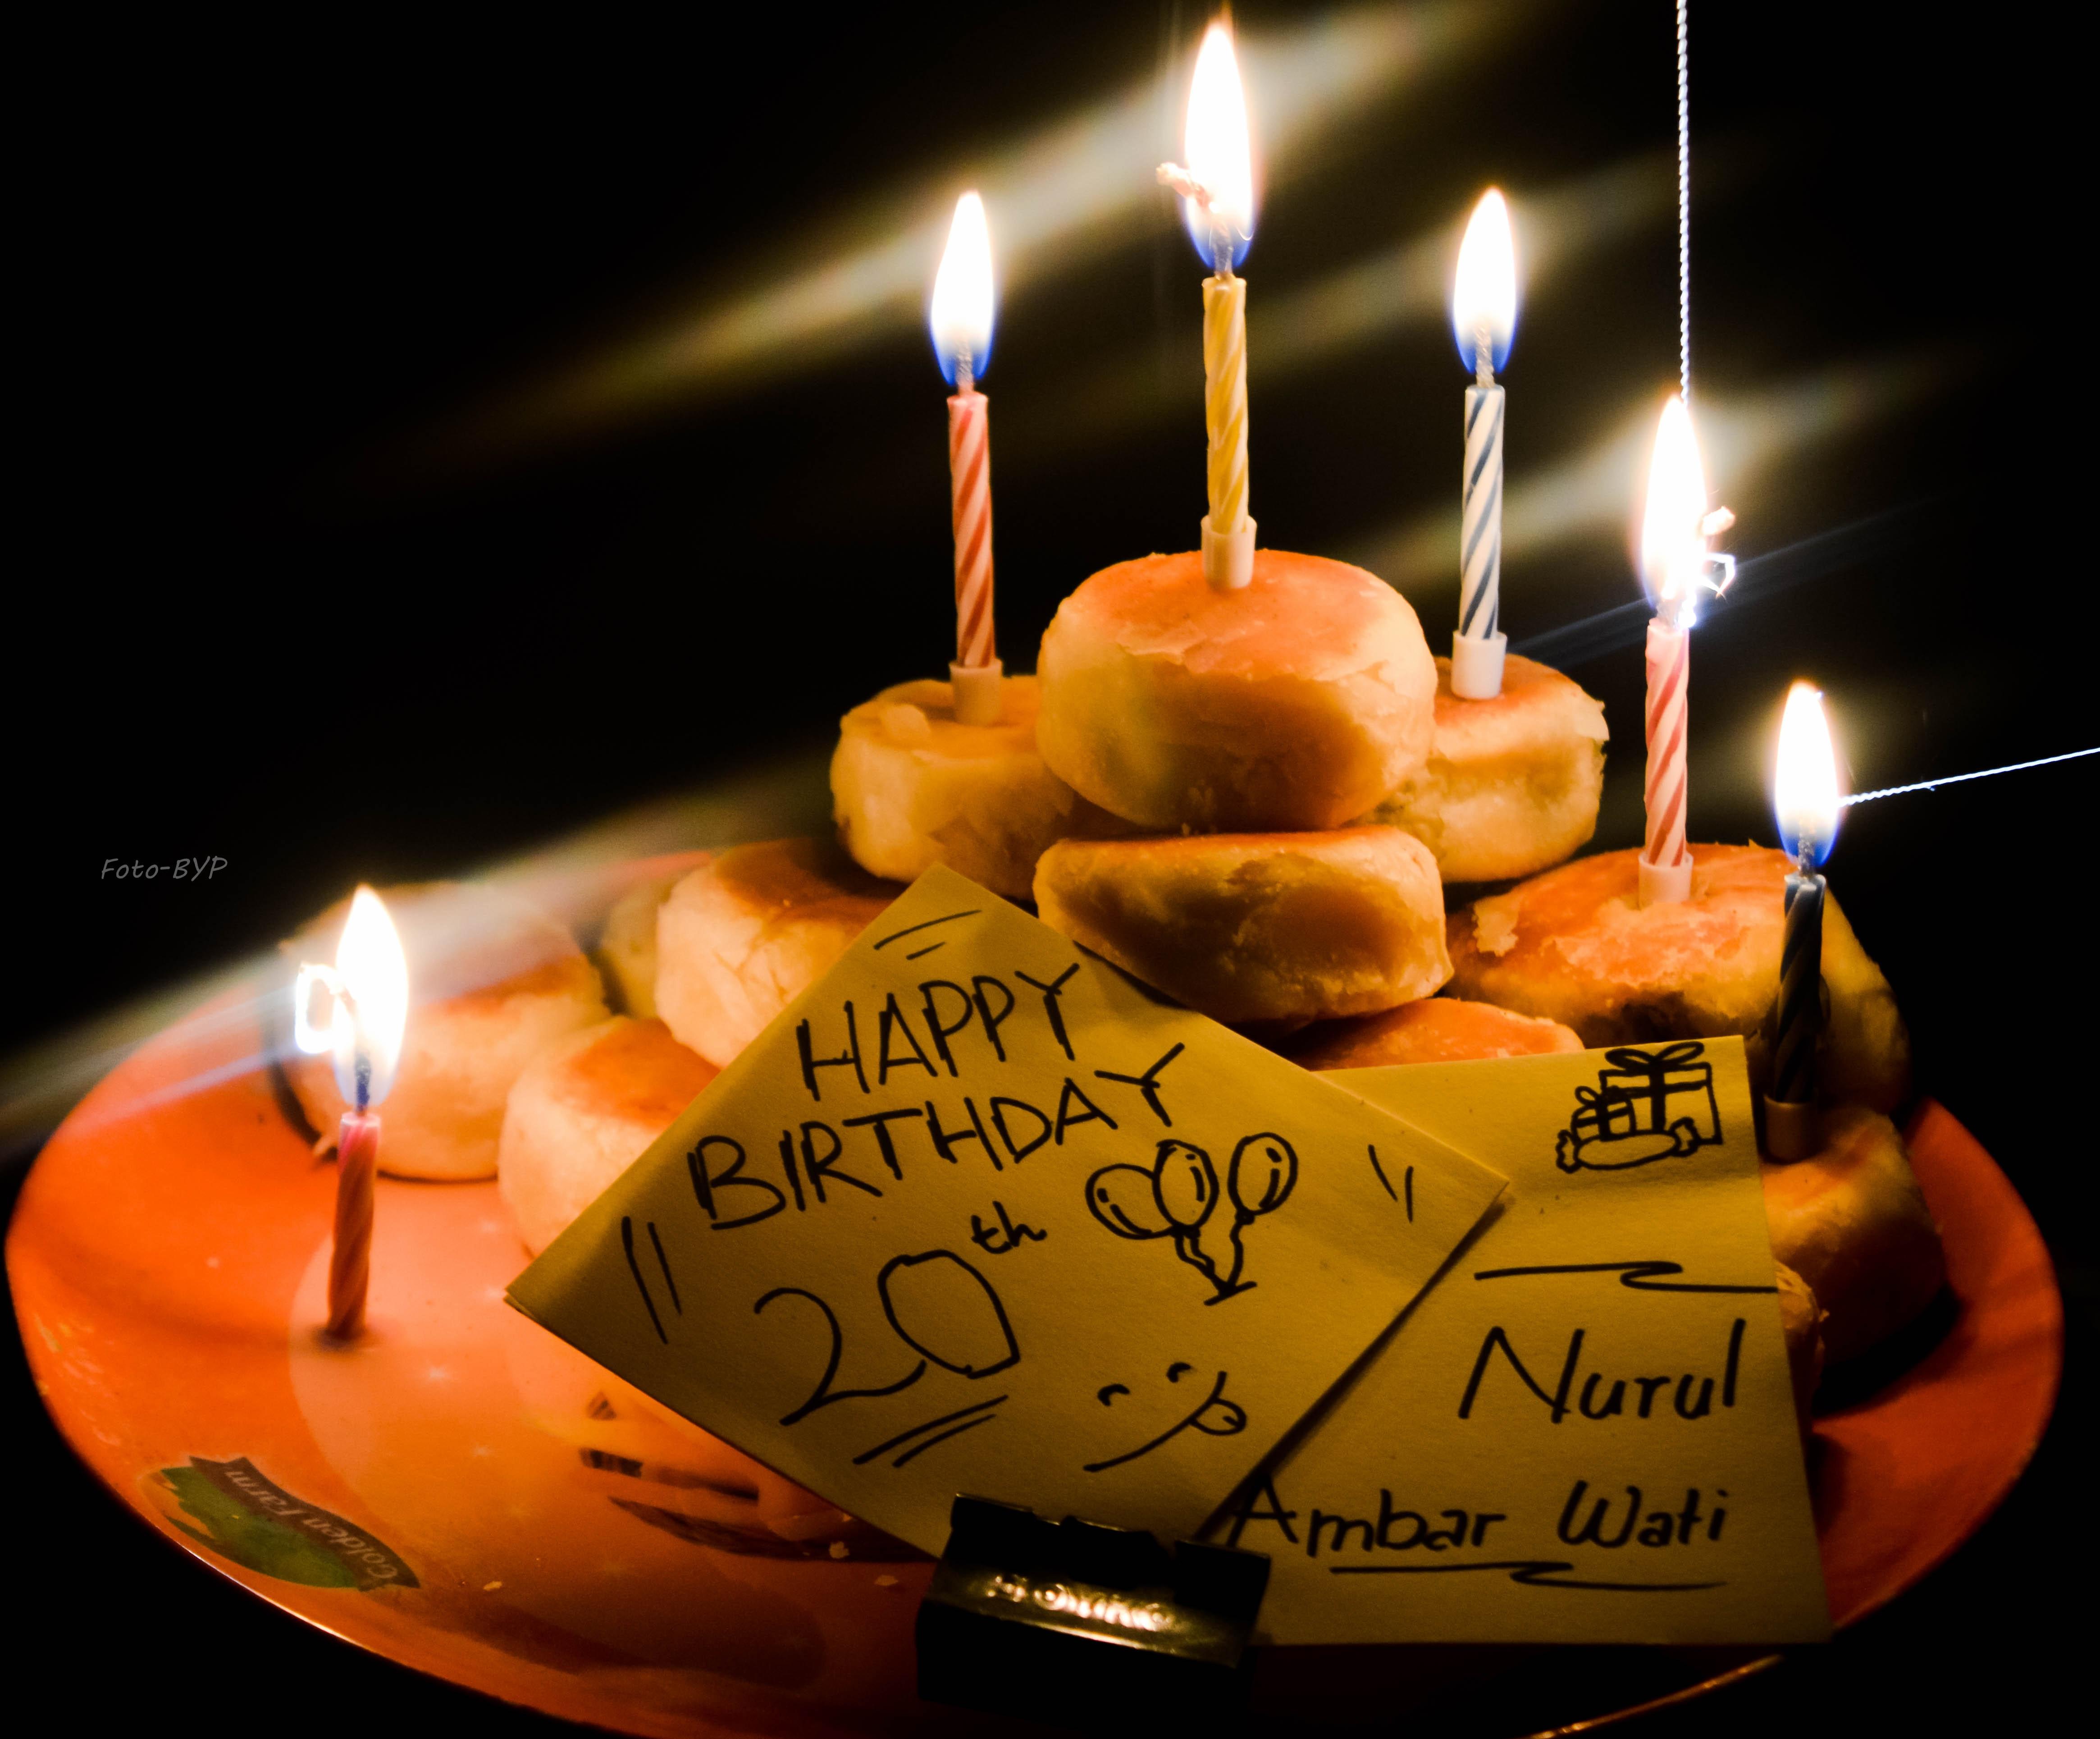 Kostenloses Foto Zum Thema Alles Gute Zum Geburtstag Happy